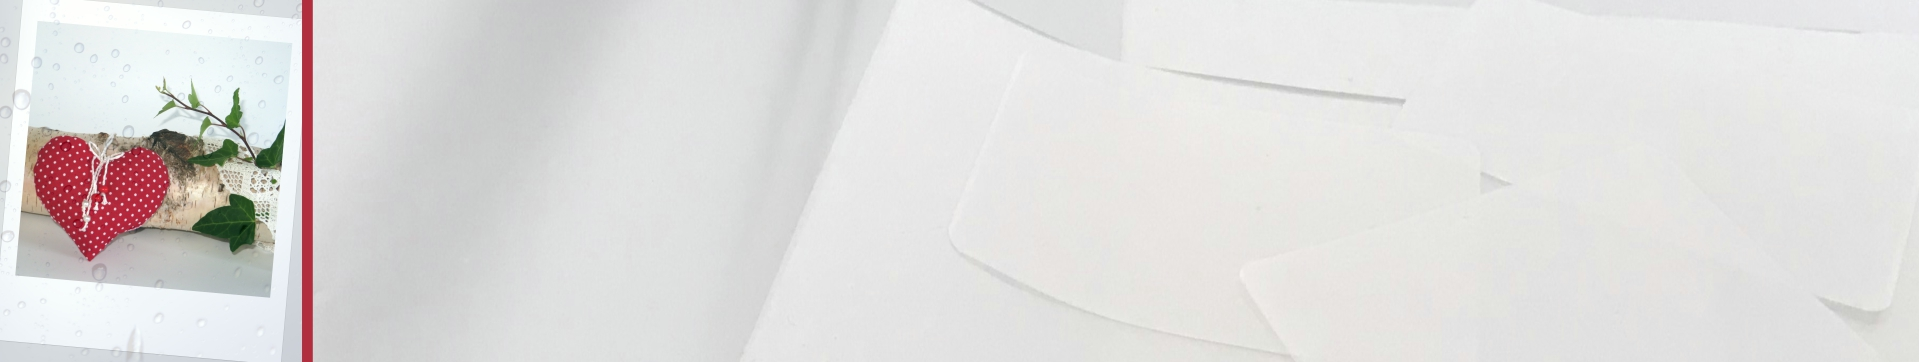 Laminieren von Dokumenten, Bilder und Unterlagen.